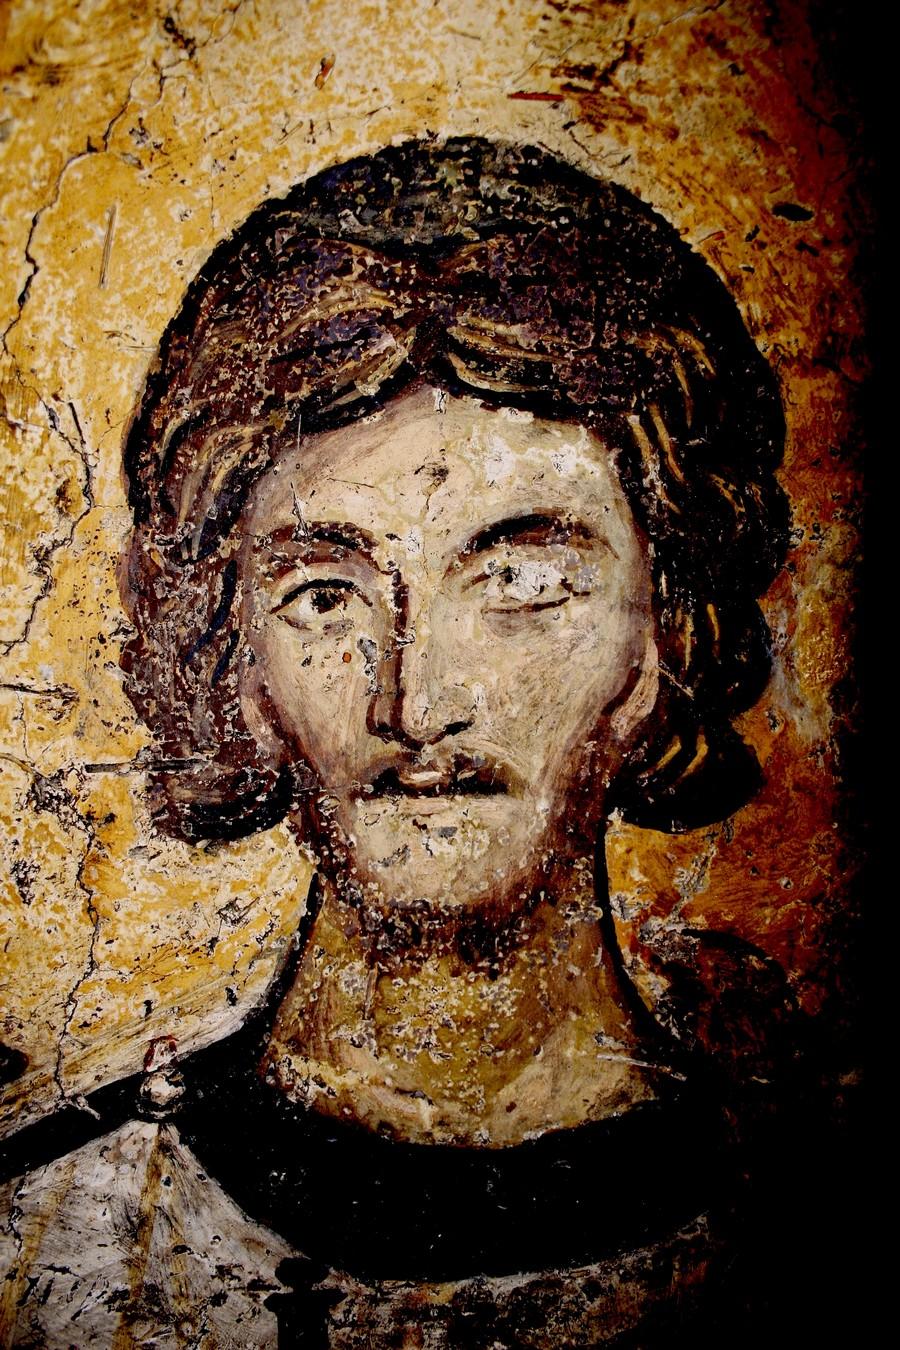 Святой Мученик Архидиакон Евпл. Фреска церкви Святых Николая и Пантелеимона (Боянской церкви) близ Софии, Болгария. 1259 год.